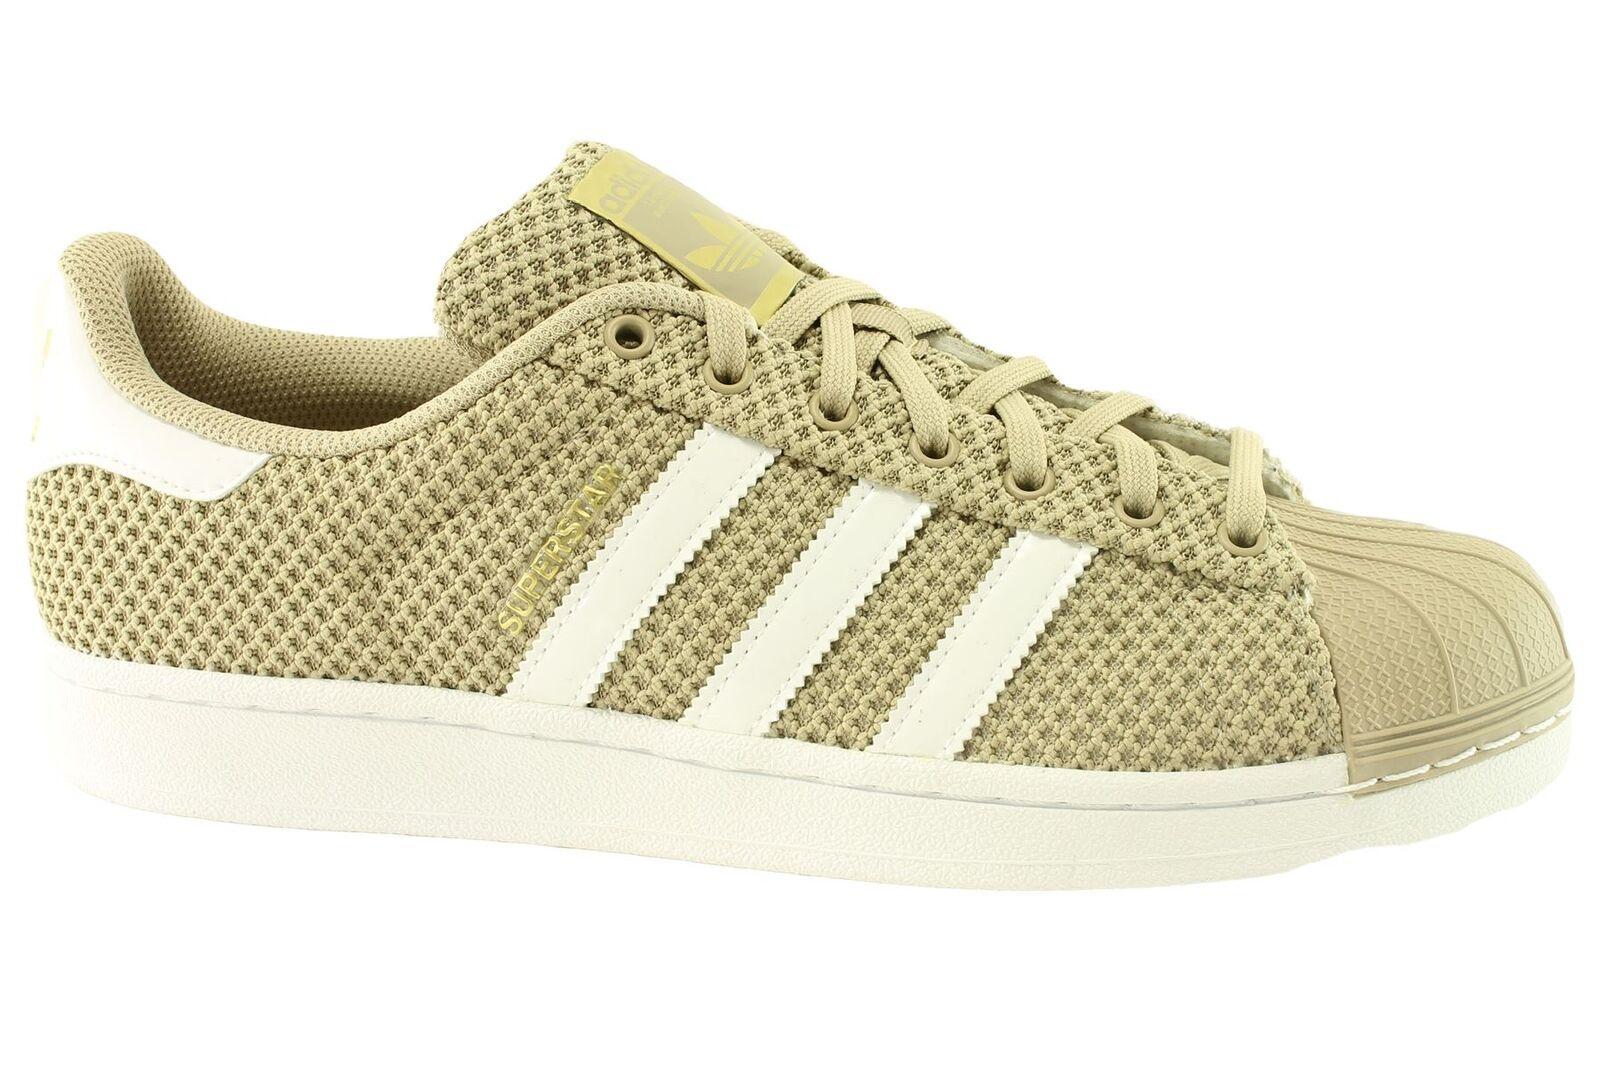 Adidas Superstar CQ1896 Zapatillas para hombre  Originals  Reino Unido sólo 9 a 11.5